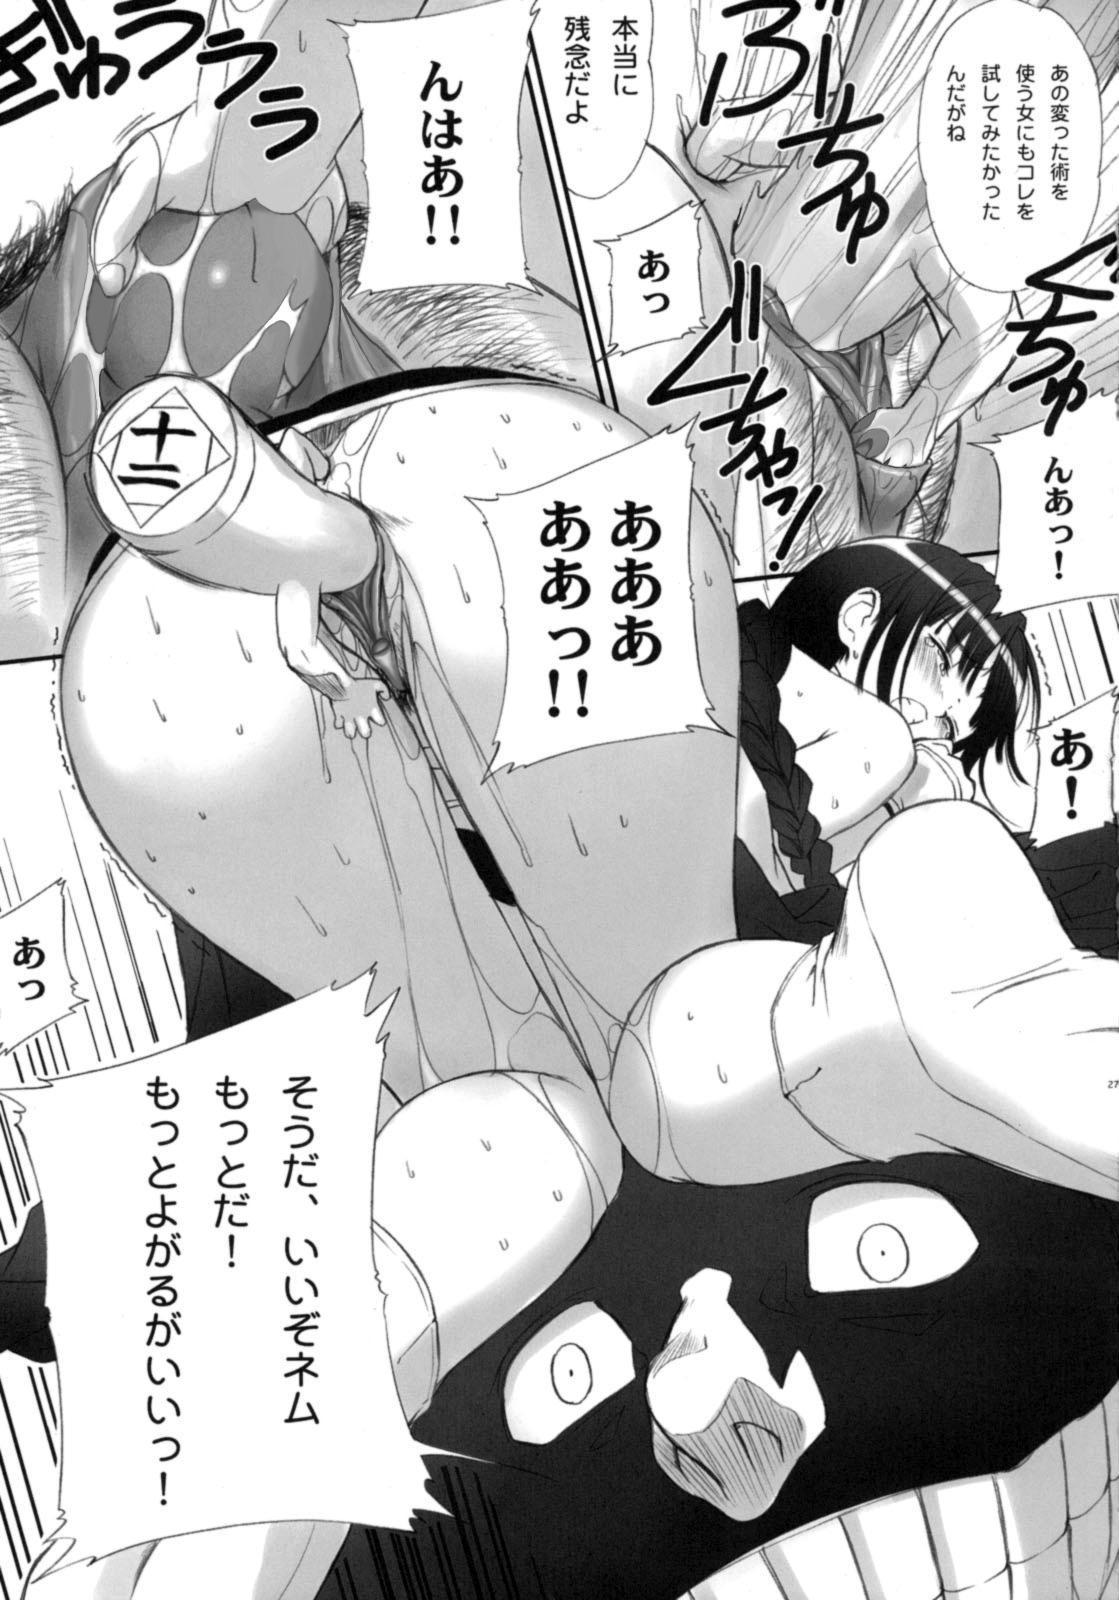 Watashi wa Kyozetsu suru! Kamo 24